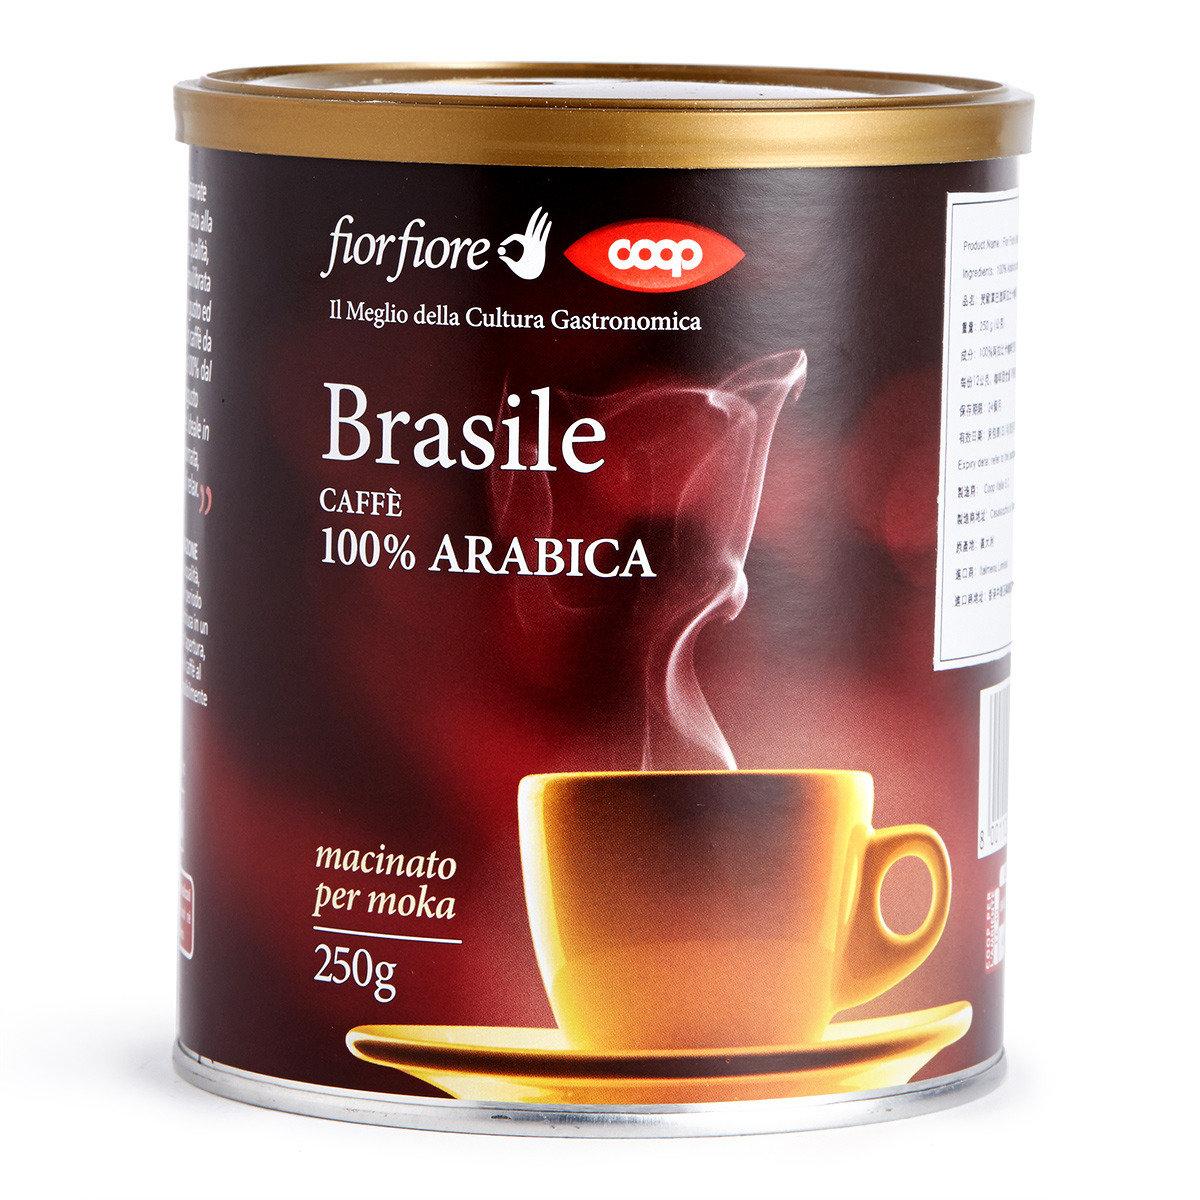 巴西阿拉比卡咖啡粉